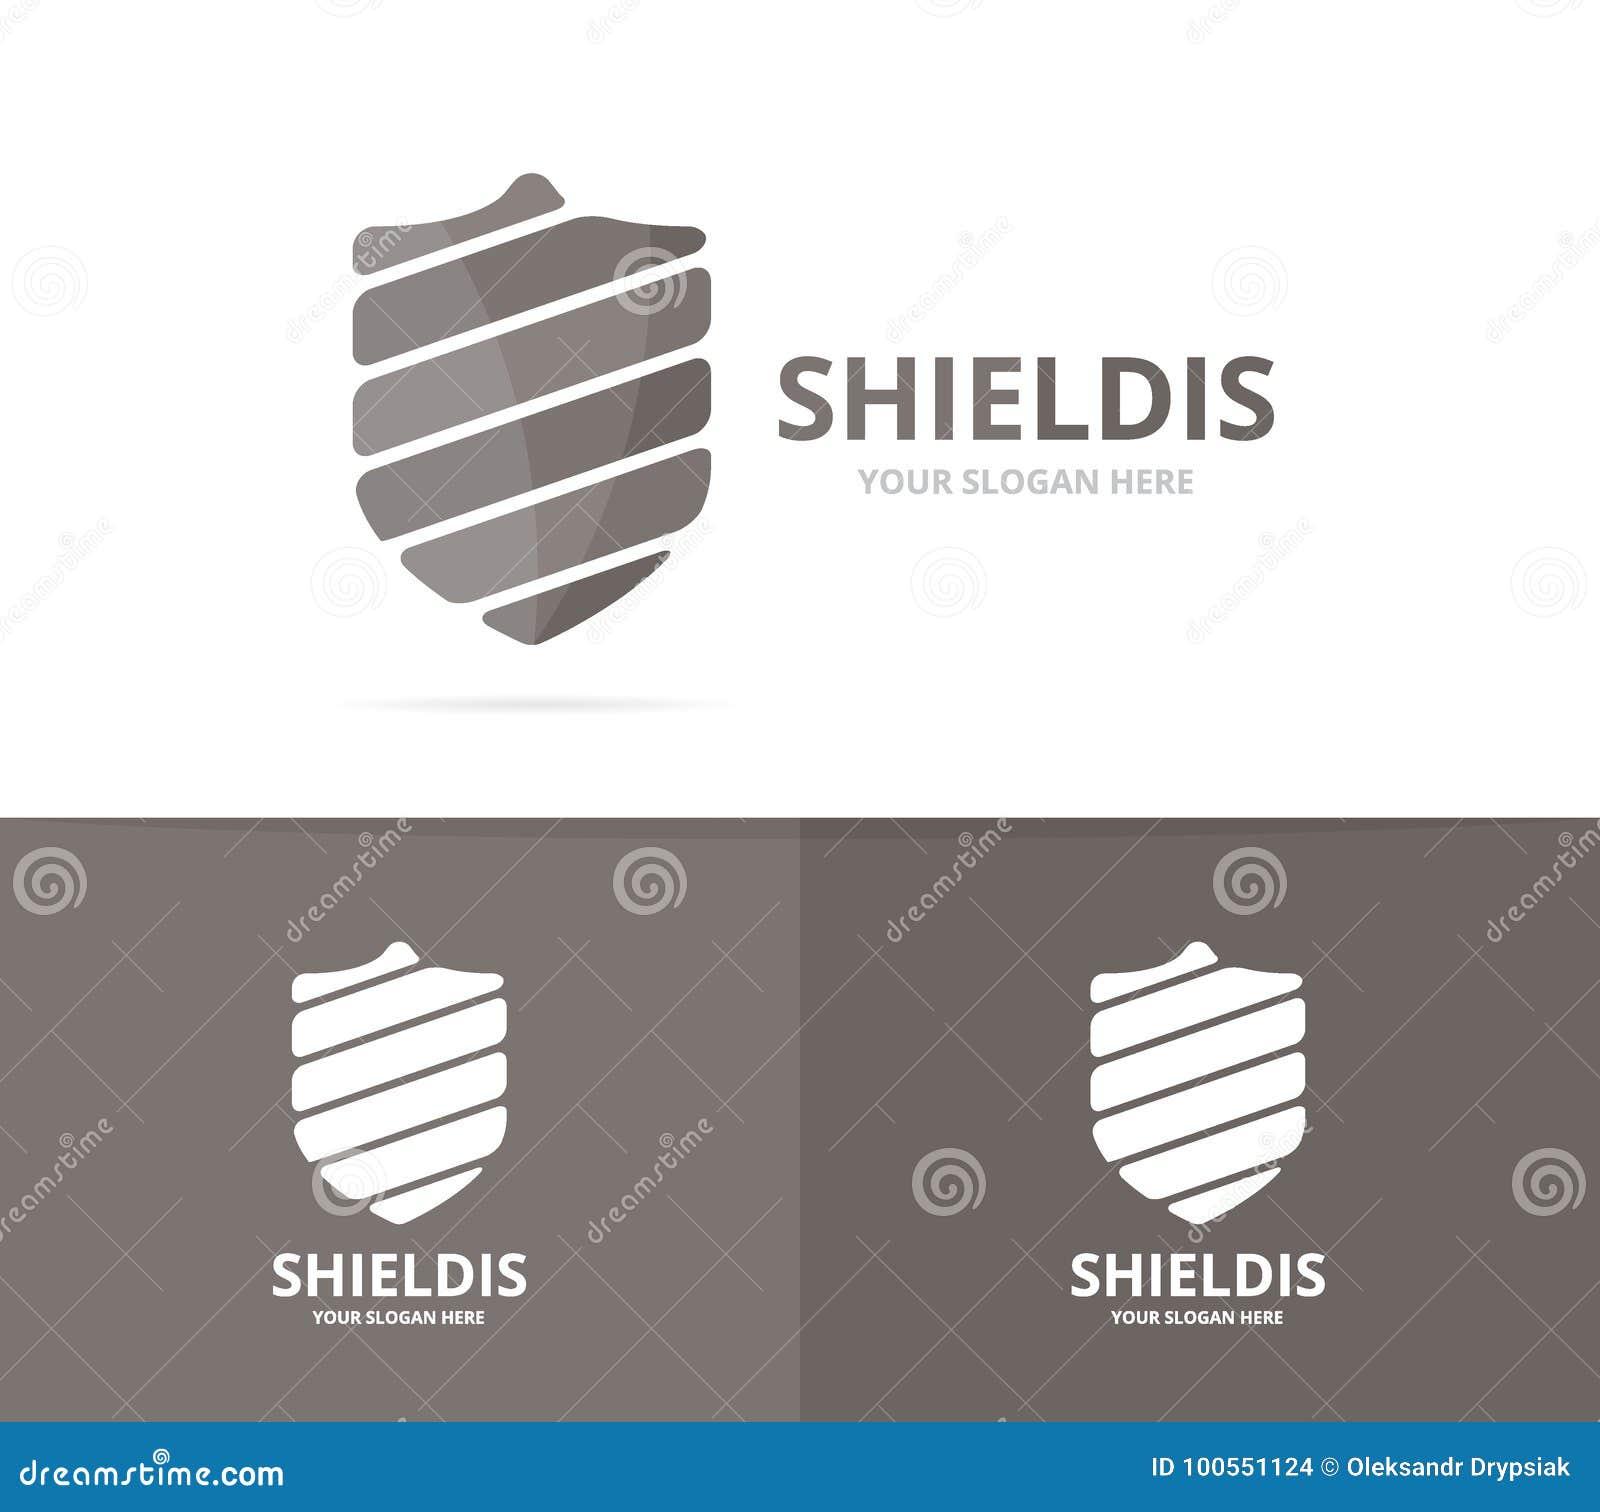 Vetor da combinao do logotipo do protetor a segurana e protege o download vetor da combinao do logotipo do protetor a segurana e protege o smbolo ou o ccuart Gallery